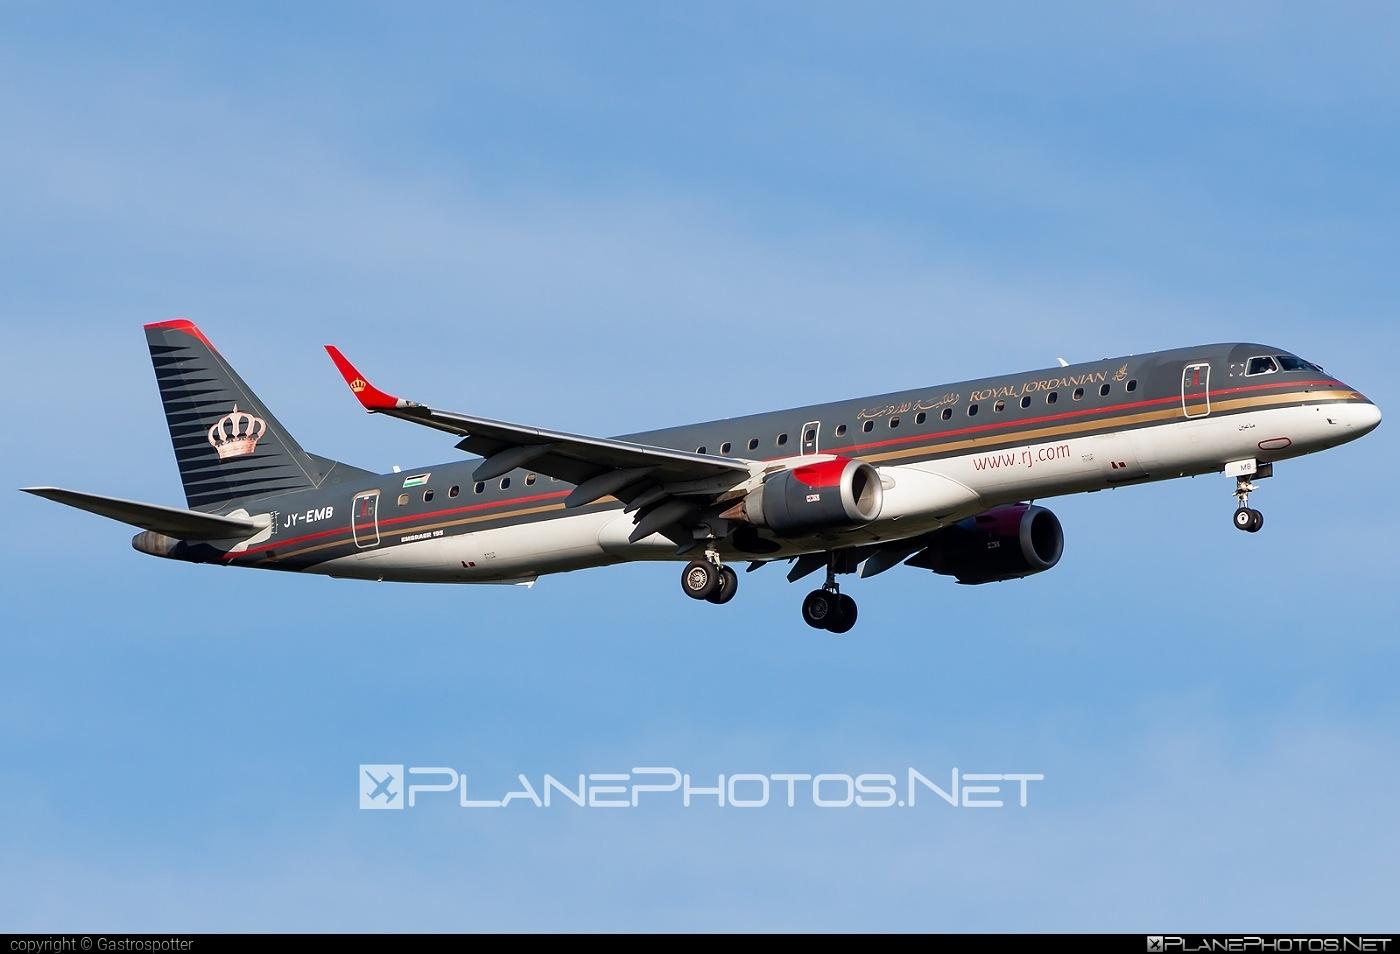 Embraer E195LR (ERJ-190-200LR) - JY-EMB operated by Royal Jordanian #e190 #e190200 #e190200lr #e195lr #embraer #embraer190200lr #embraer195 #embraer195lr